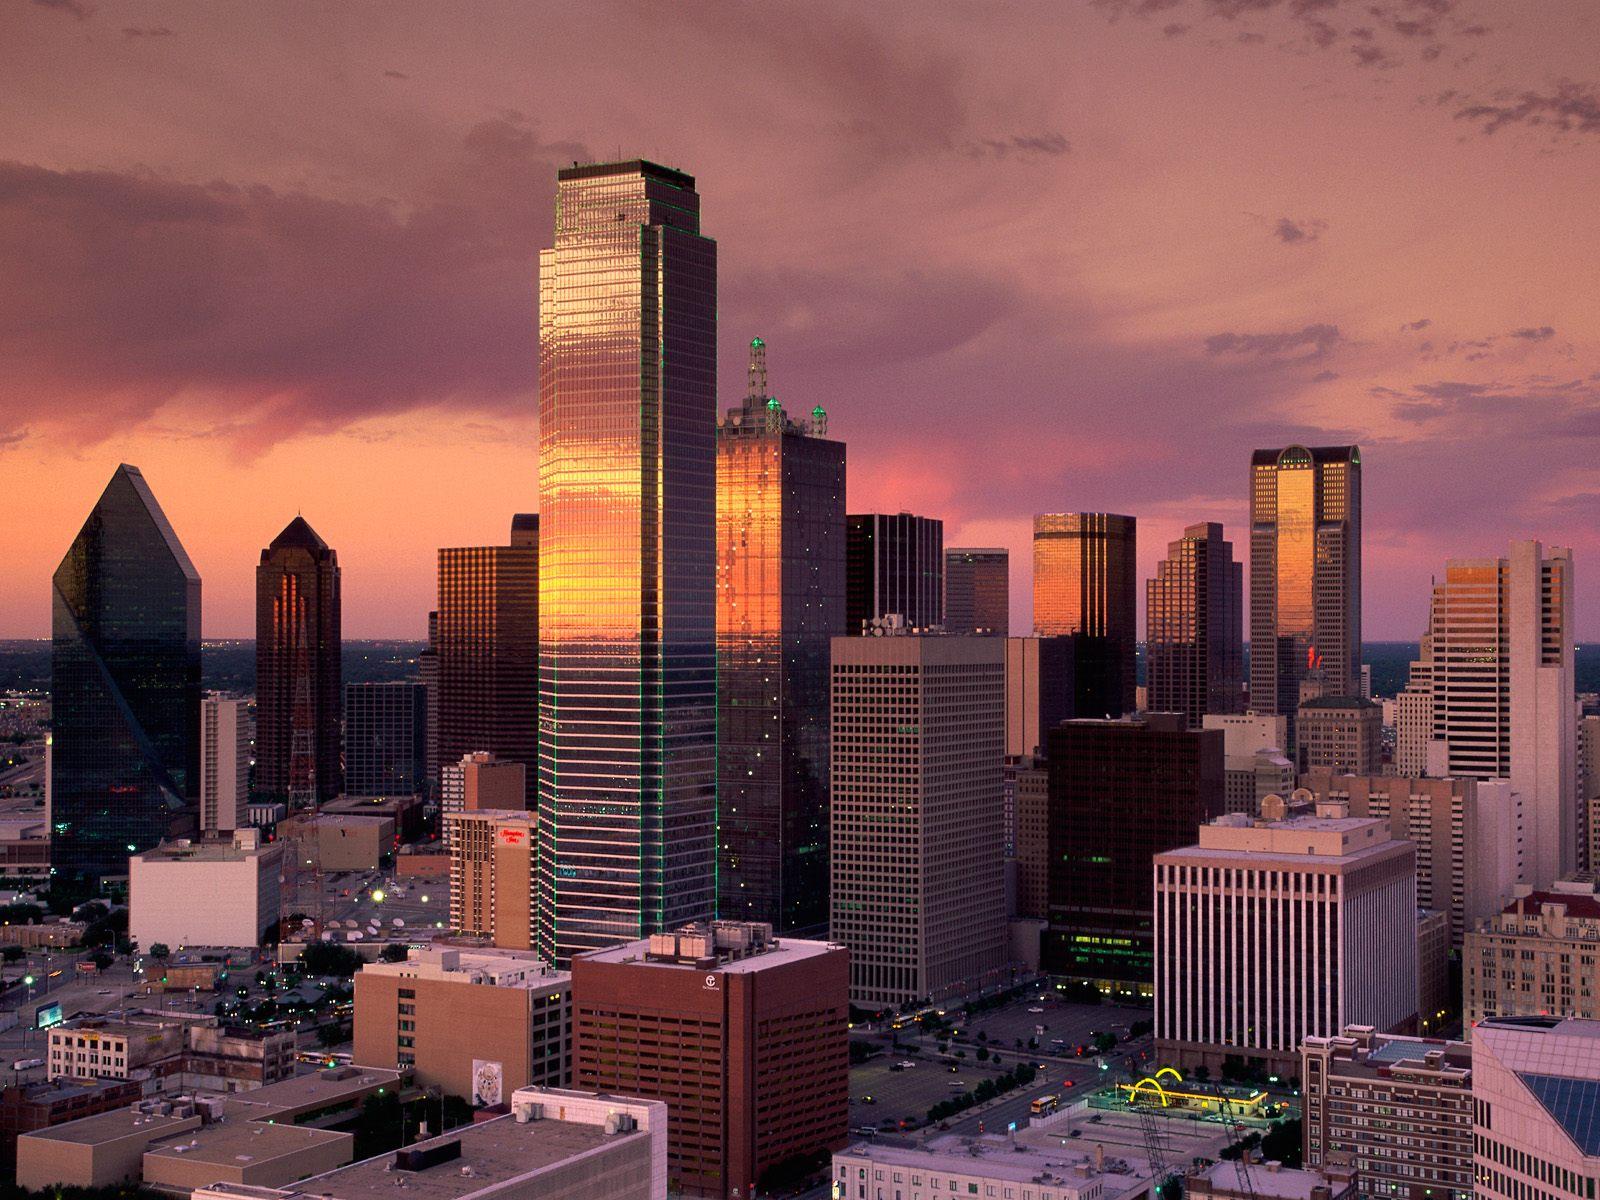 http://4.bp.blogspot.com/_mP7RxI7eue0/TS40o_PIJ6I/AAAAAAAAA7E/nXpmLKZNw70/s1600/Dallas_Texas.jpg